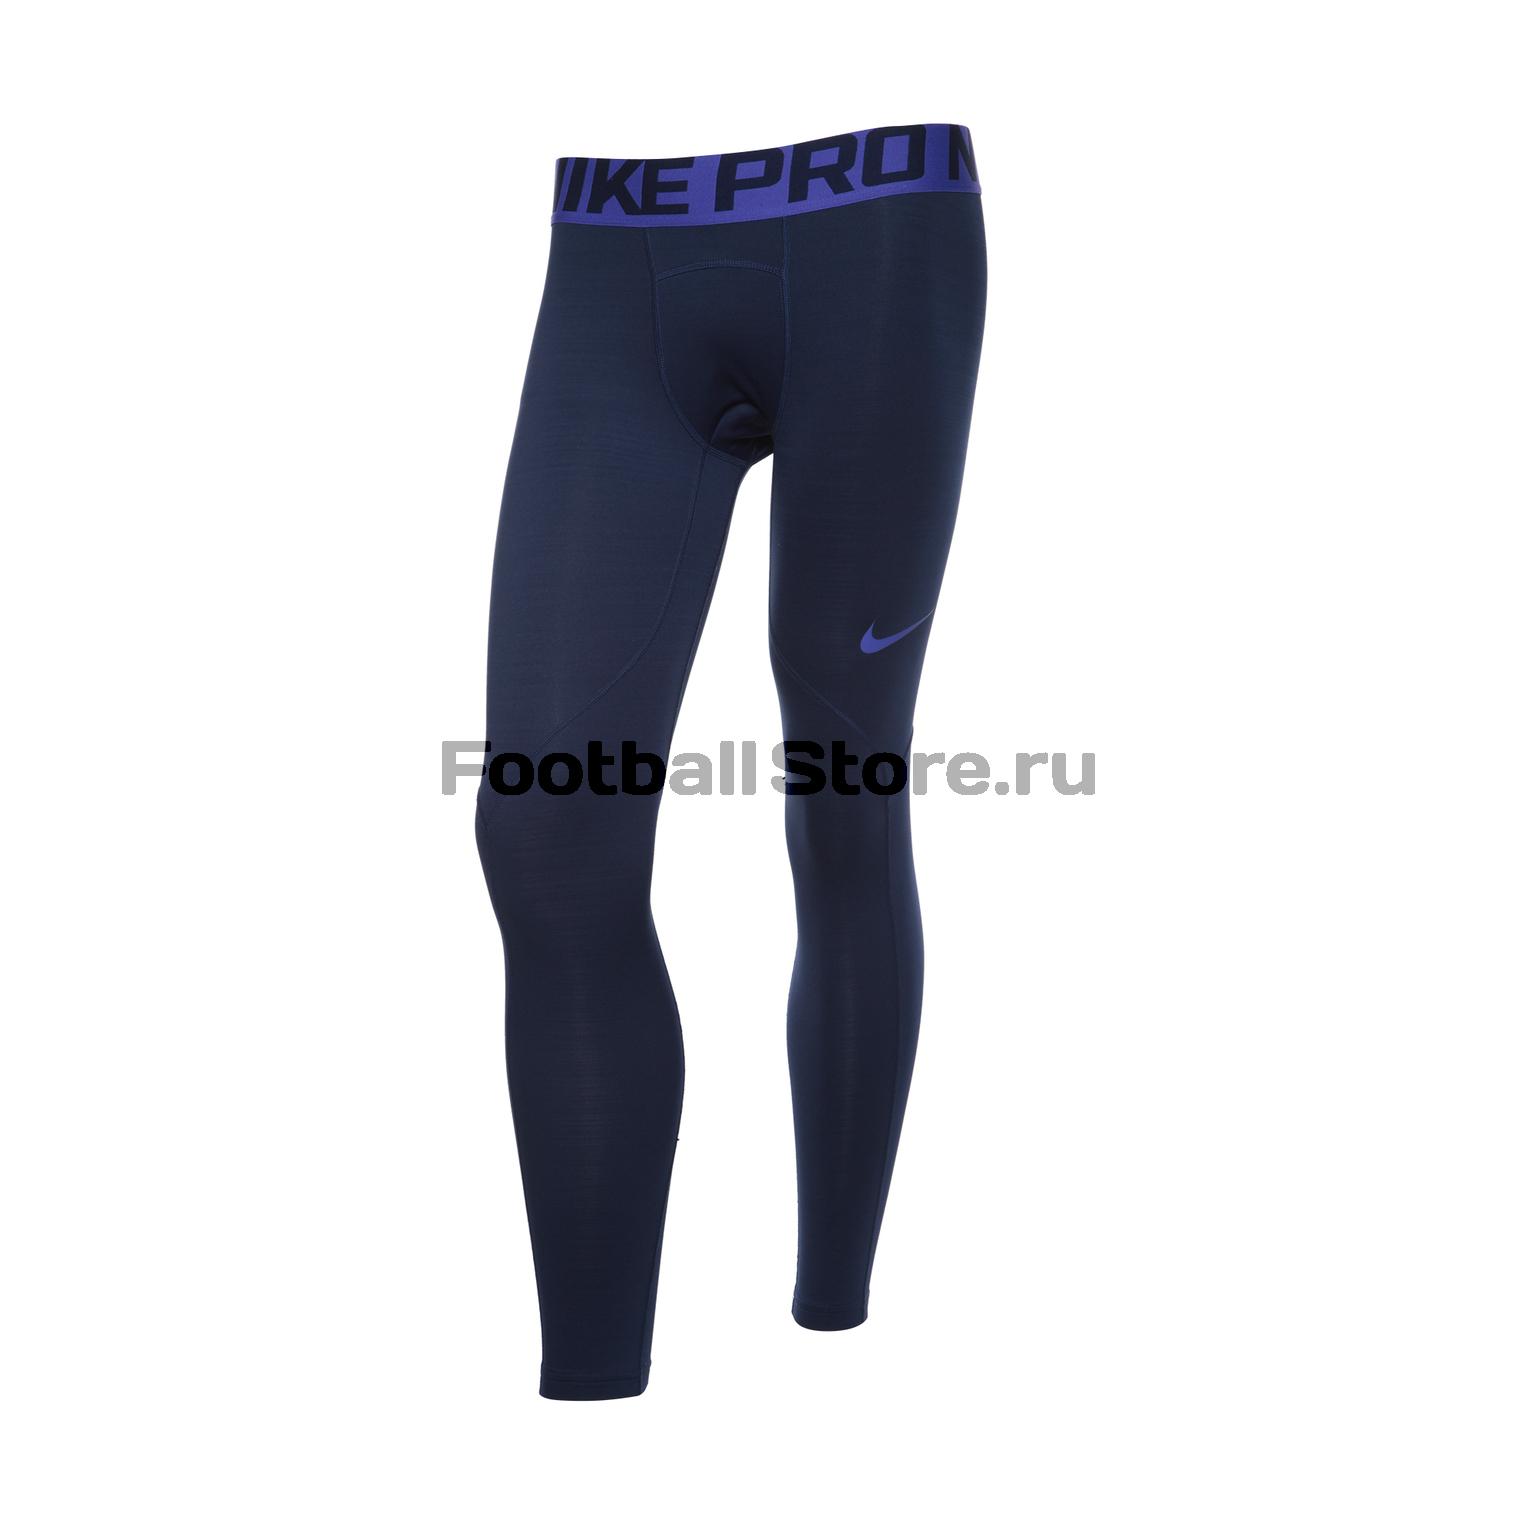 c2826953 Белье лосины подростковые Nike Warm 856124-429 – купить в интернет магазине  footballstore, цена, фото